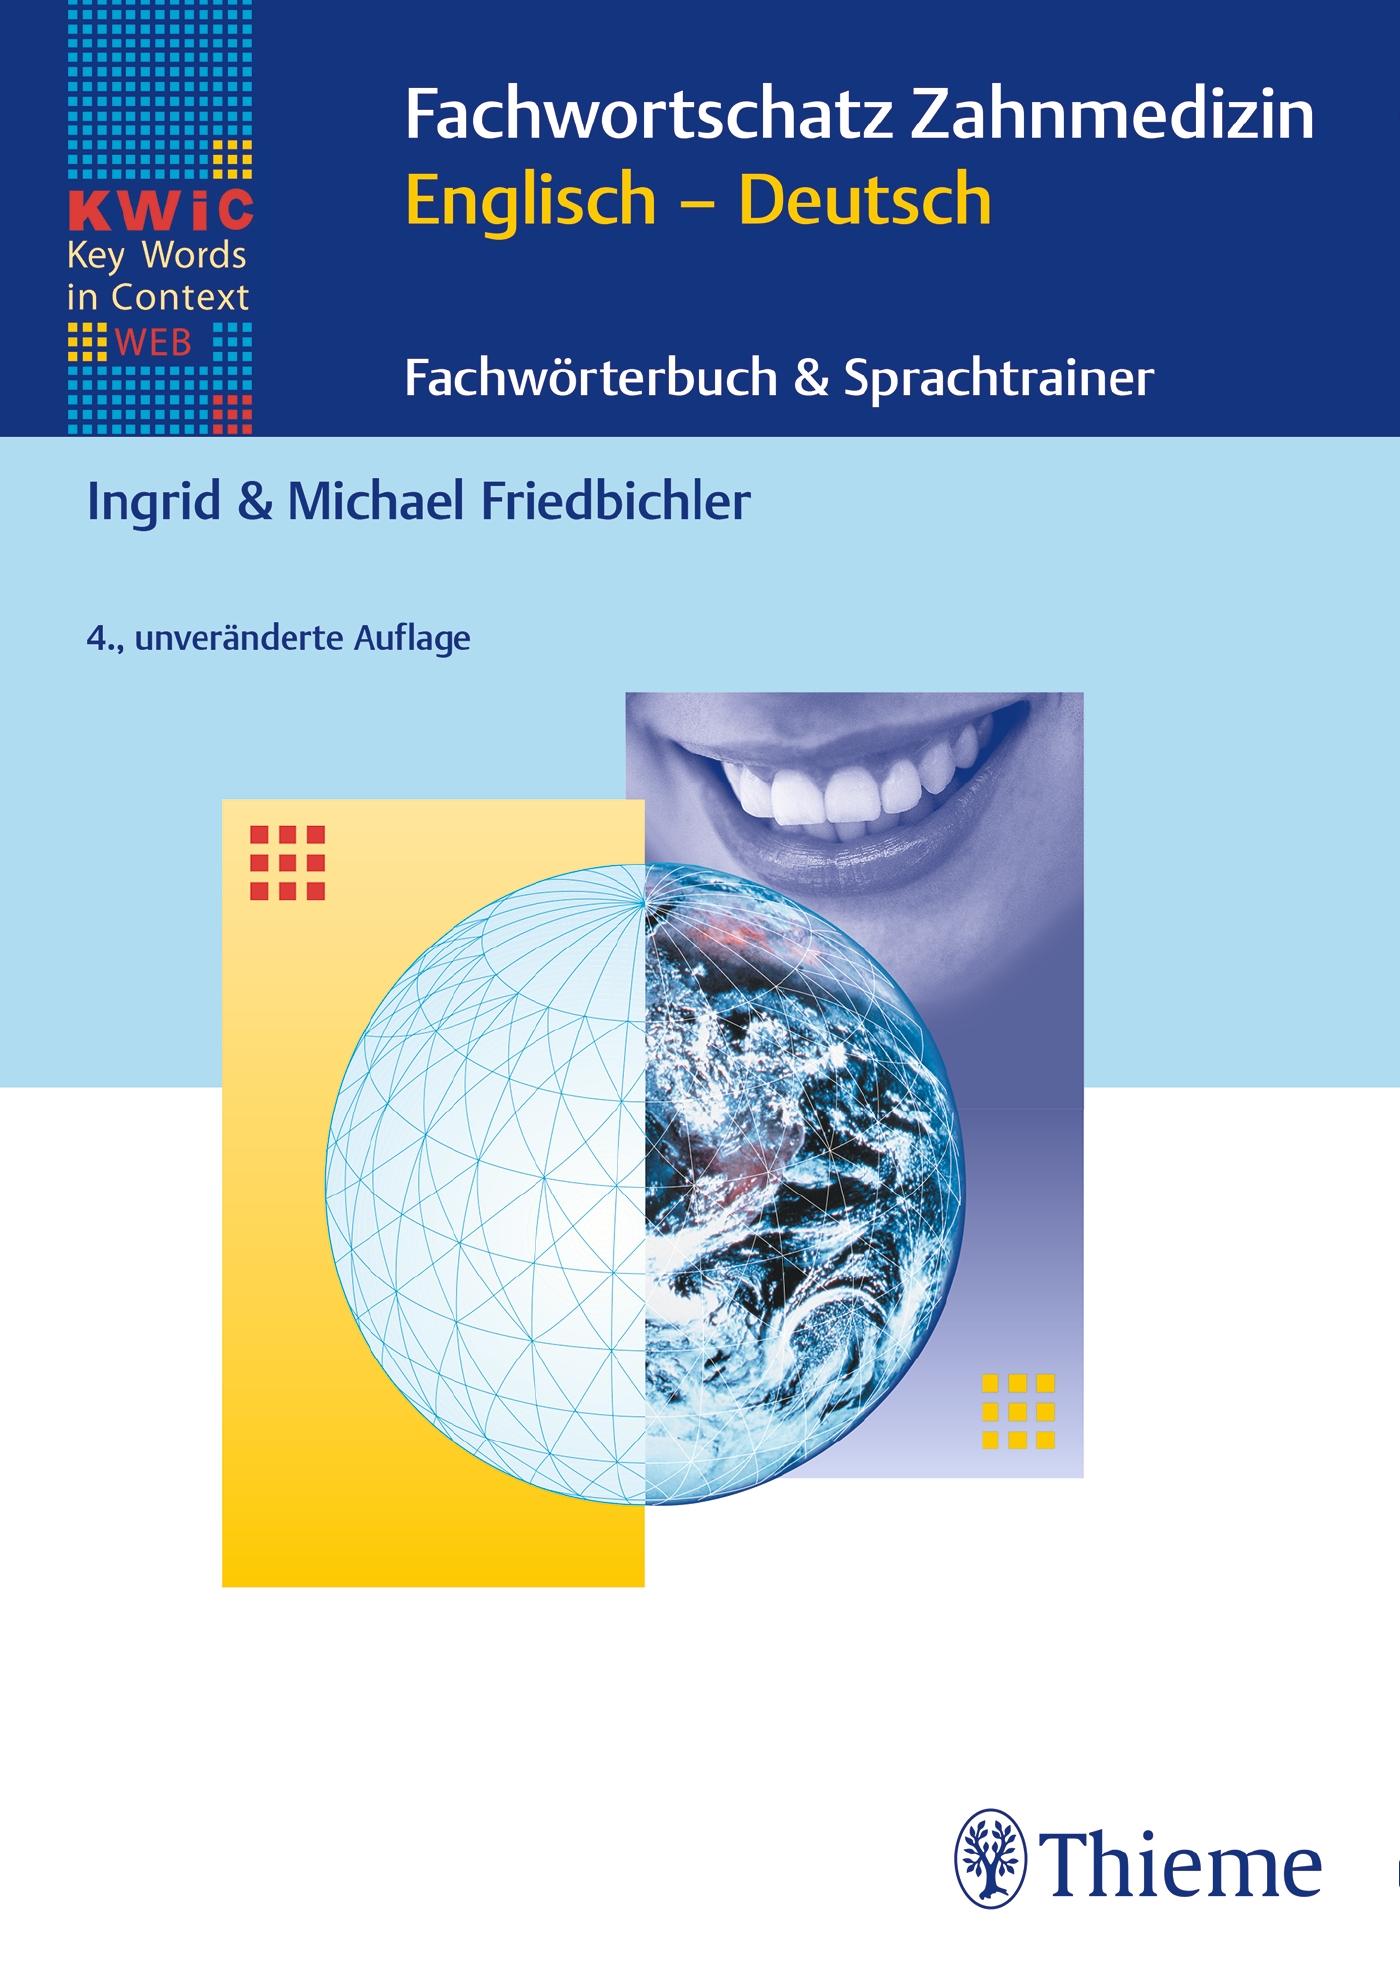 KWIC-Web Fachwortschatz Zahnmedizin Englisch - Deutsch